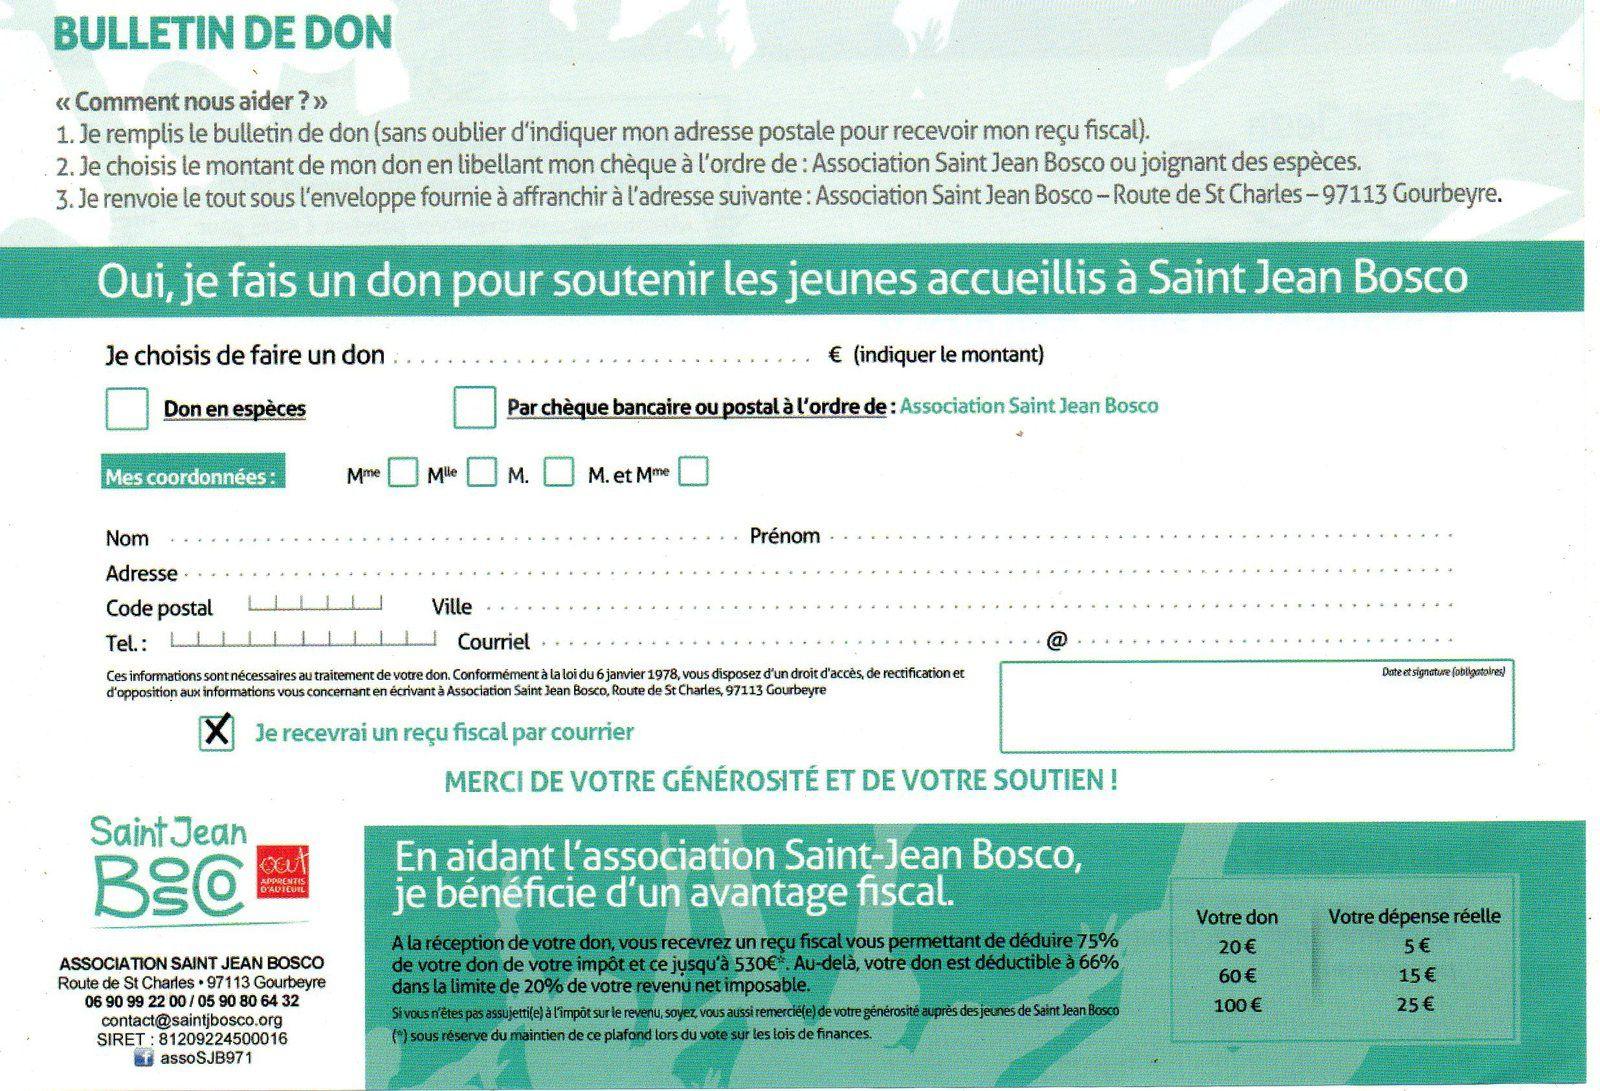 Le retour en Guadeloupe de l'Association Saint Jean BOSCO. La nécessité de la soutenir.